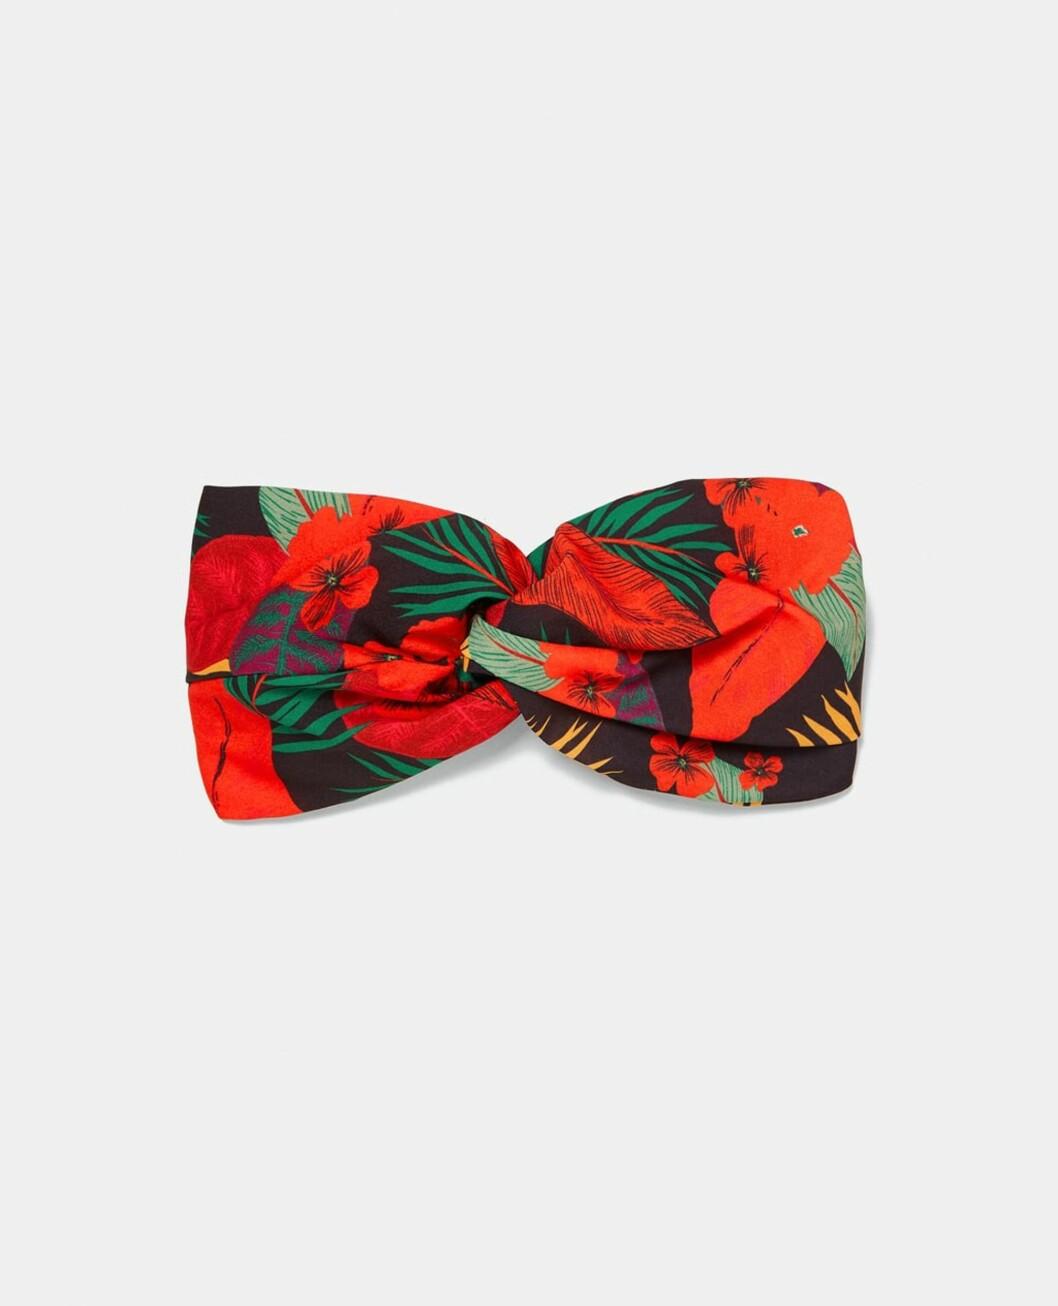 <strong>Hårbånd i rødt og grønt fra Zara |99,-| https:</strong>//www.zara.com/no/no/h%C3%A5rb%C3%A5nd-med-tropisk-m%C3%B8nster-p03694003.html?v1=5716020&v2=598502